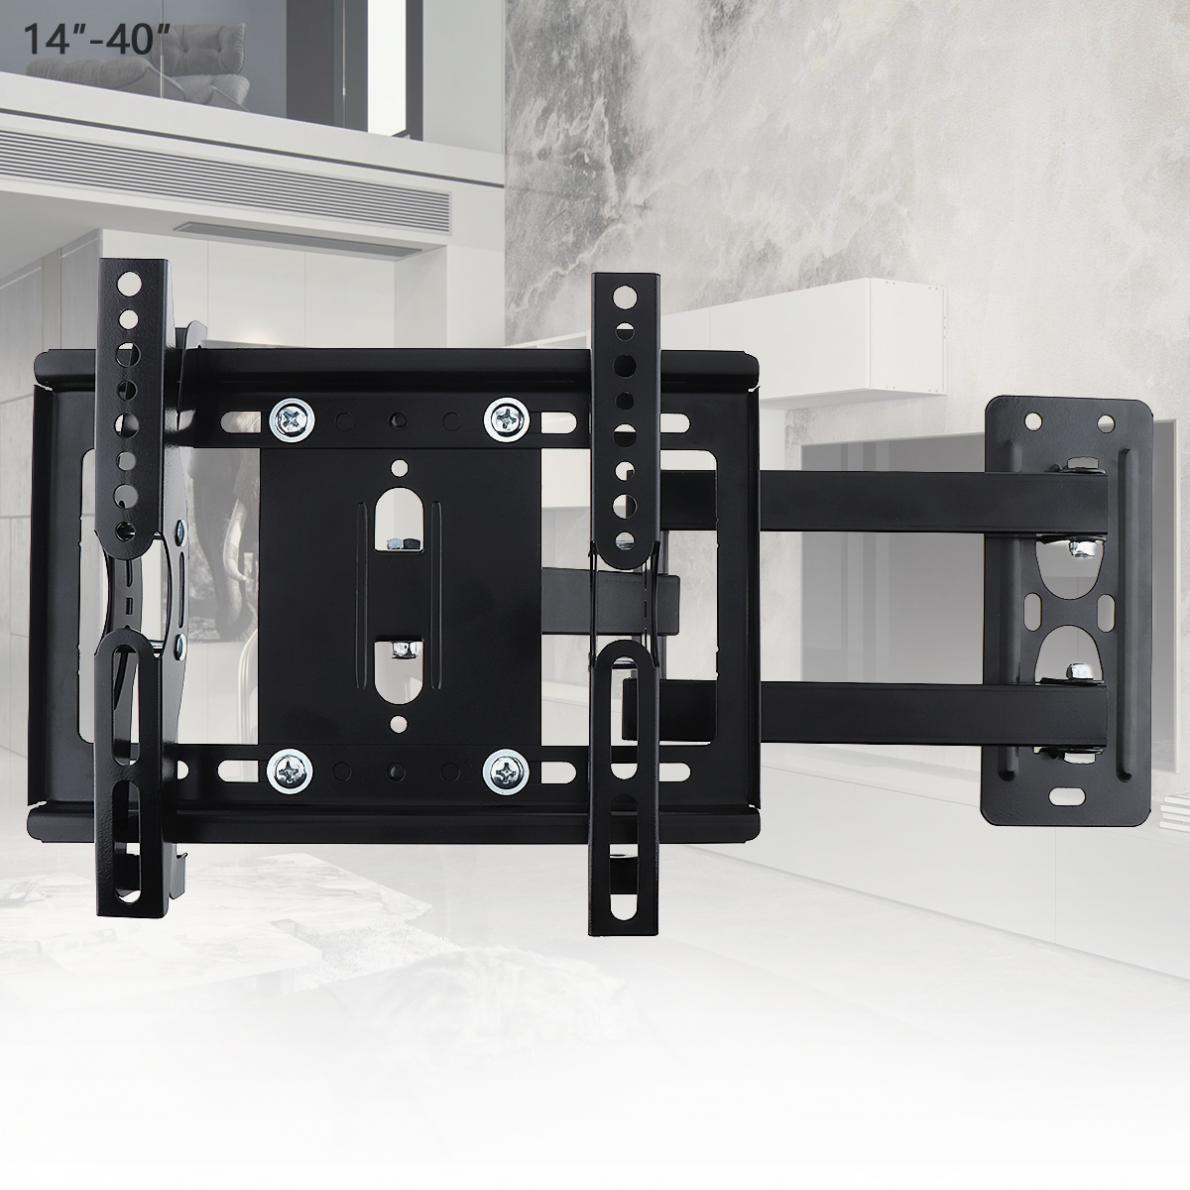 25 KG télescopique réglable 14-40 pouces TV Support mural Support plat panneau TV cadre Support 15 degrés inclinaison pour LCD moniteur LED